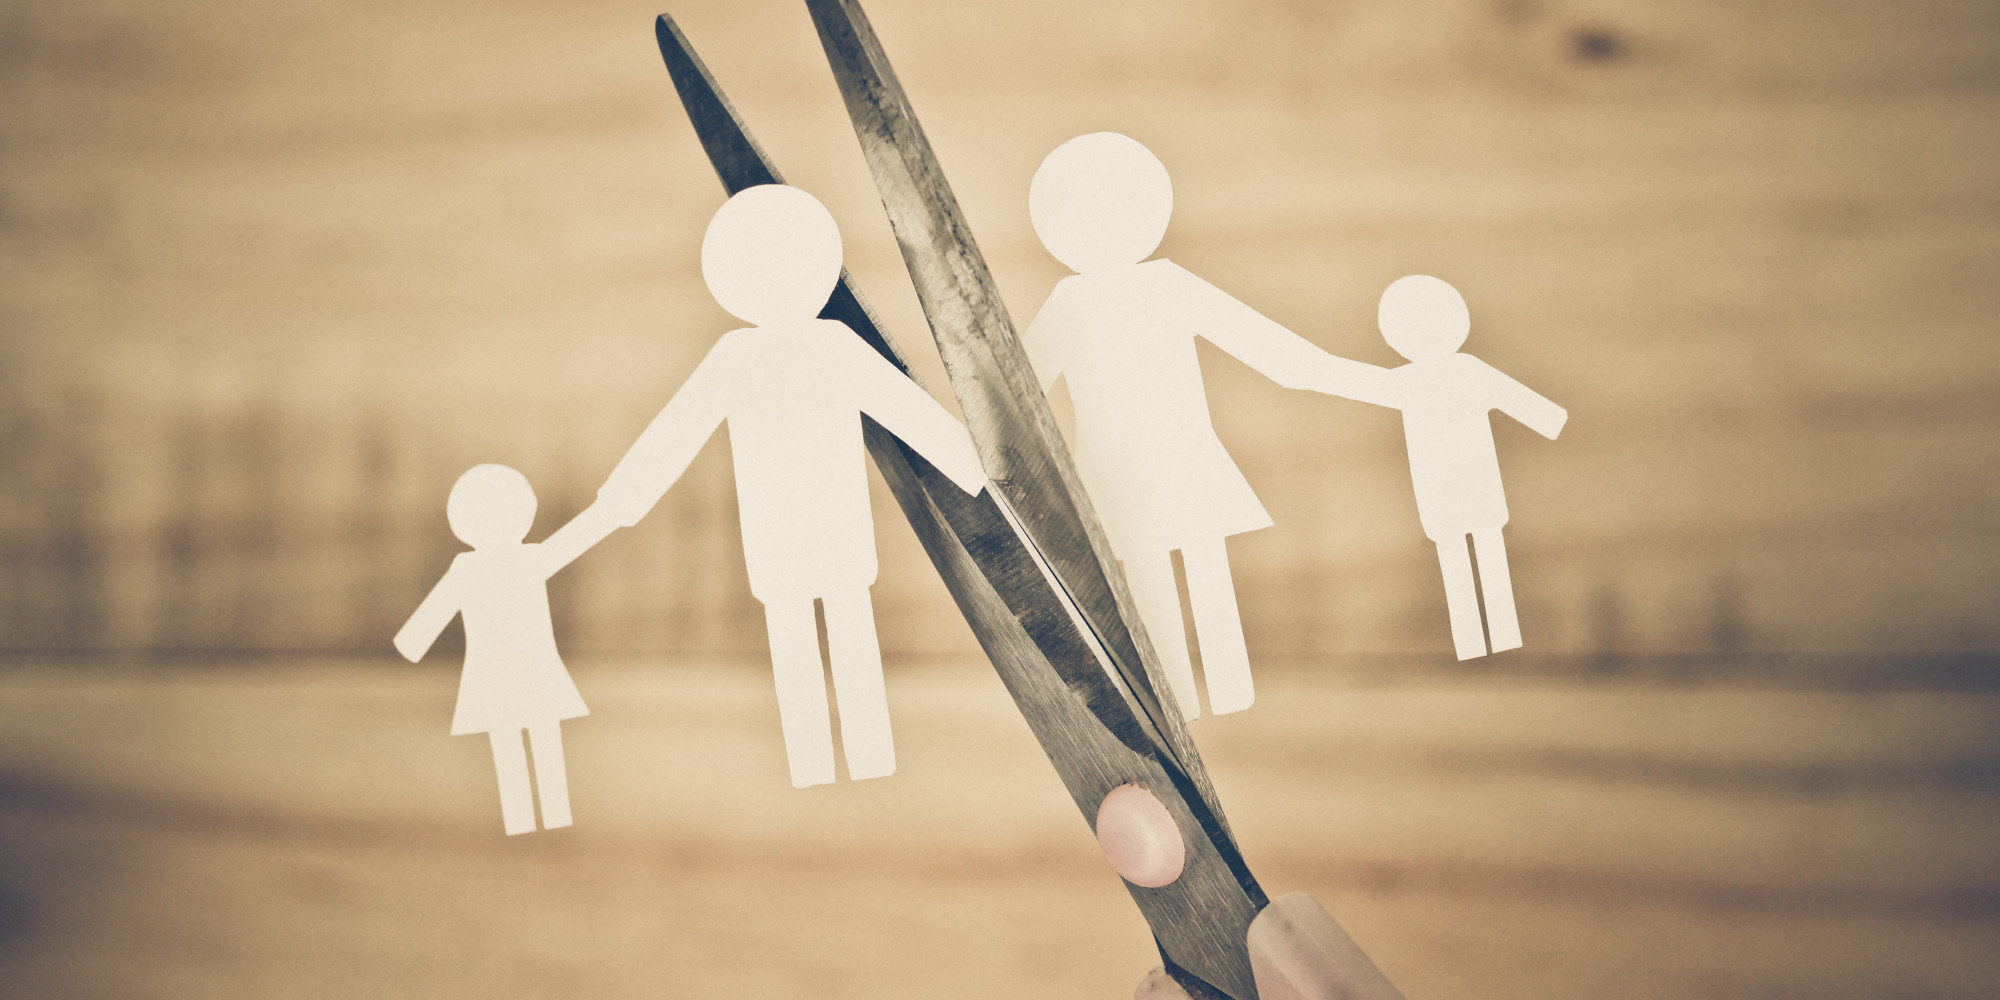 5 Zodiaka zīmju sievietes, kuras ir visgrūtāk aizmirst pēc šķiršanās